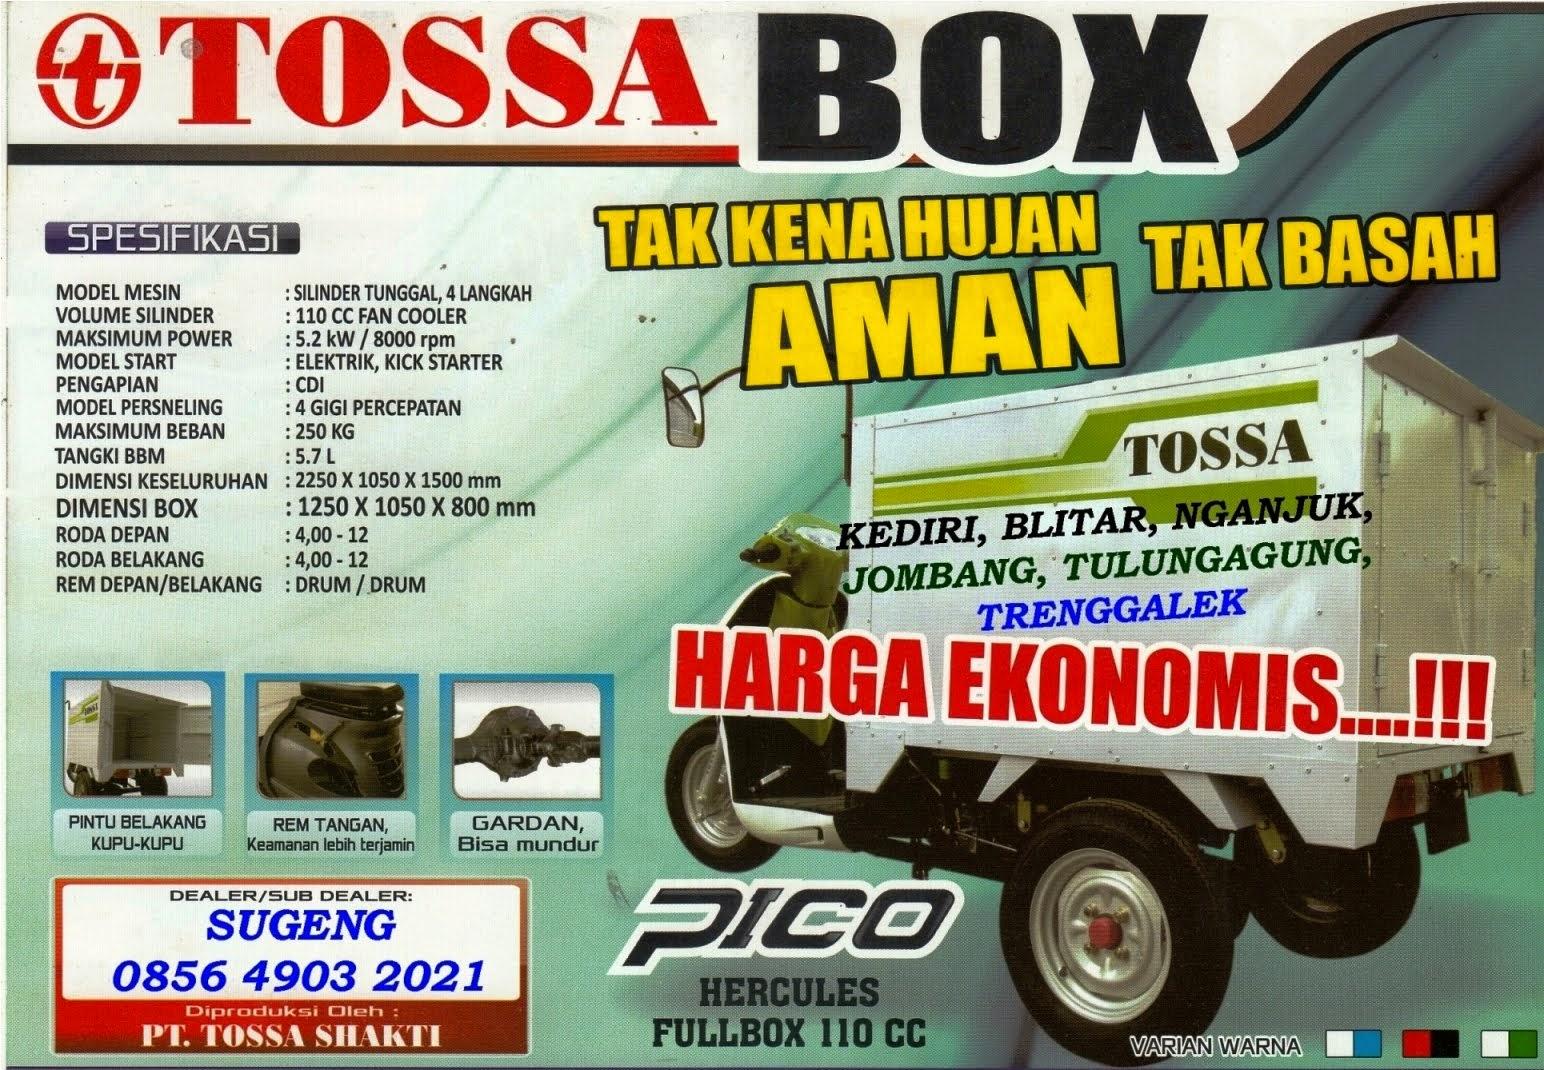 Pico Full Box